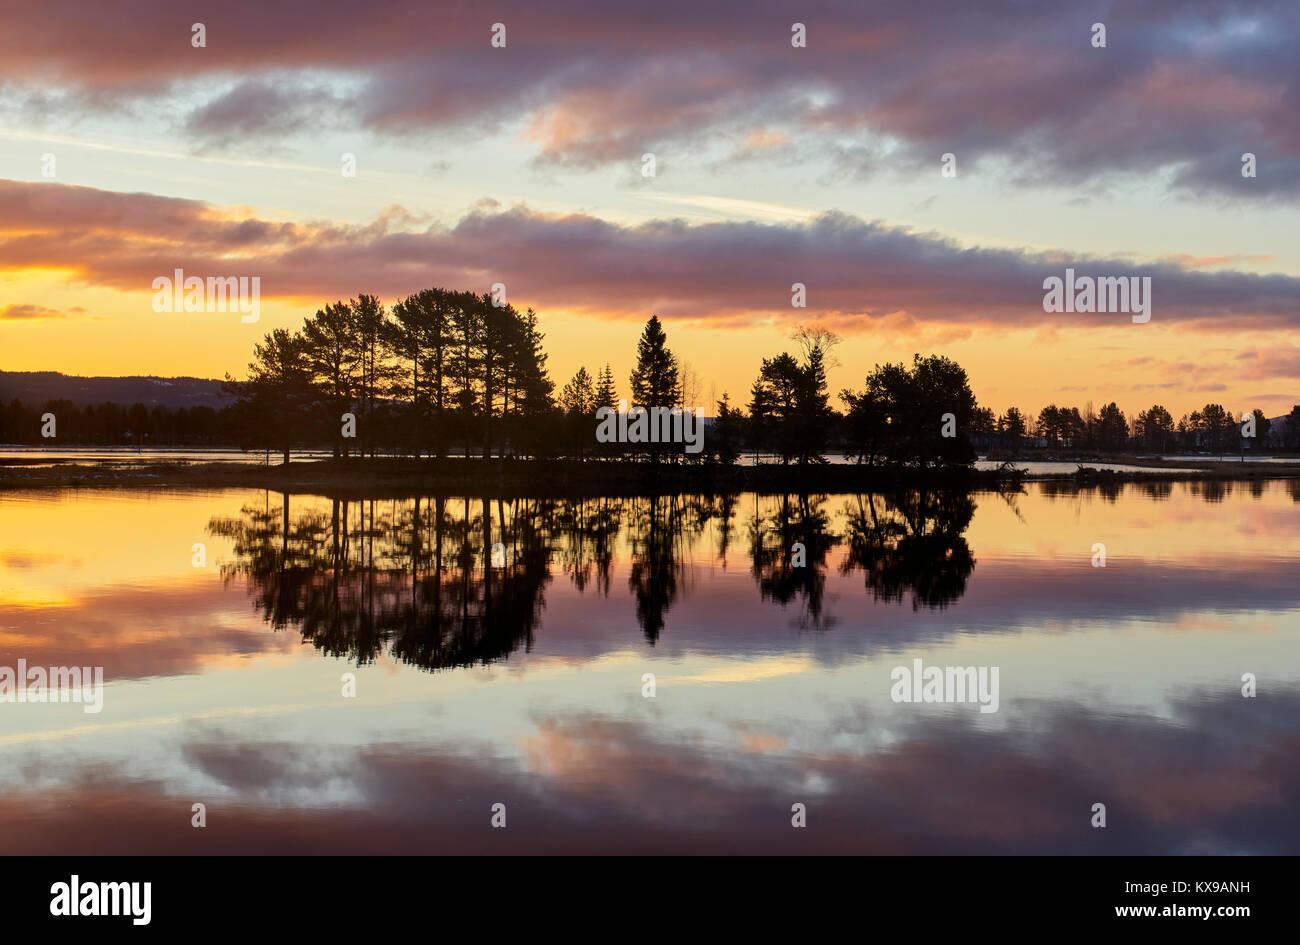 Lever de soleil sur l'Osensjoen de Sandvik, Hedmark, Norvège. Une image miroir Banque D'Images